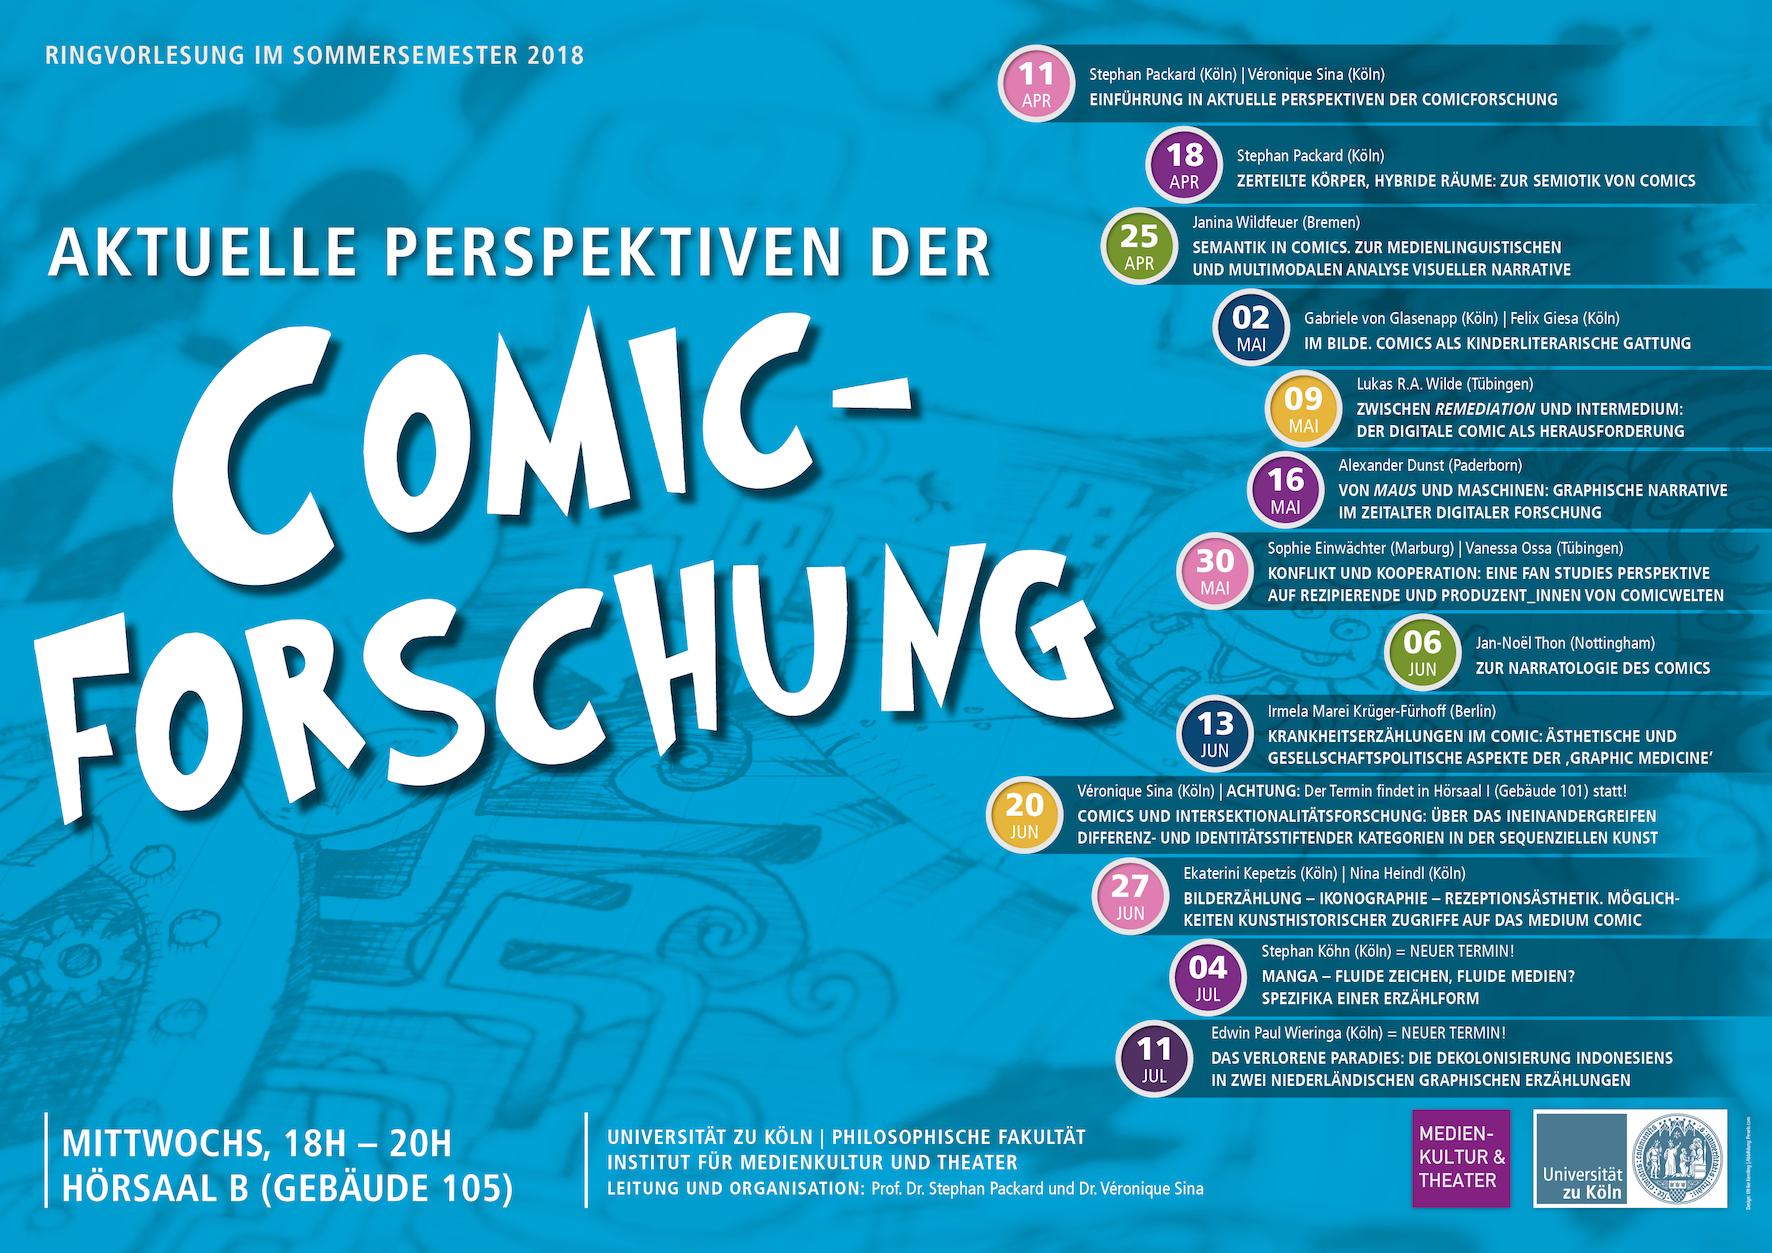 Perspektiven der Comicforschung